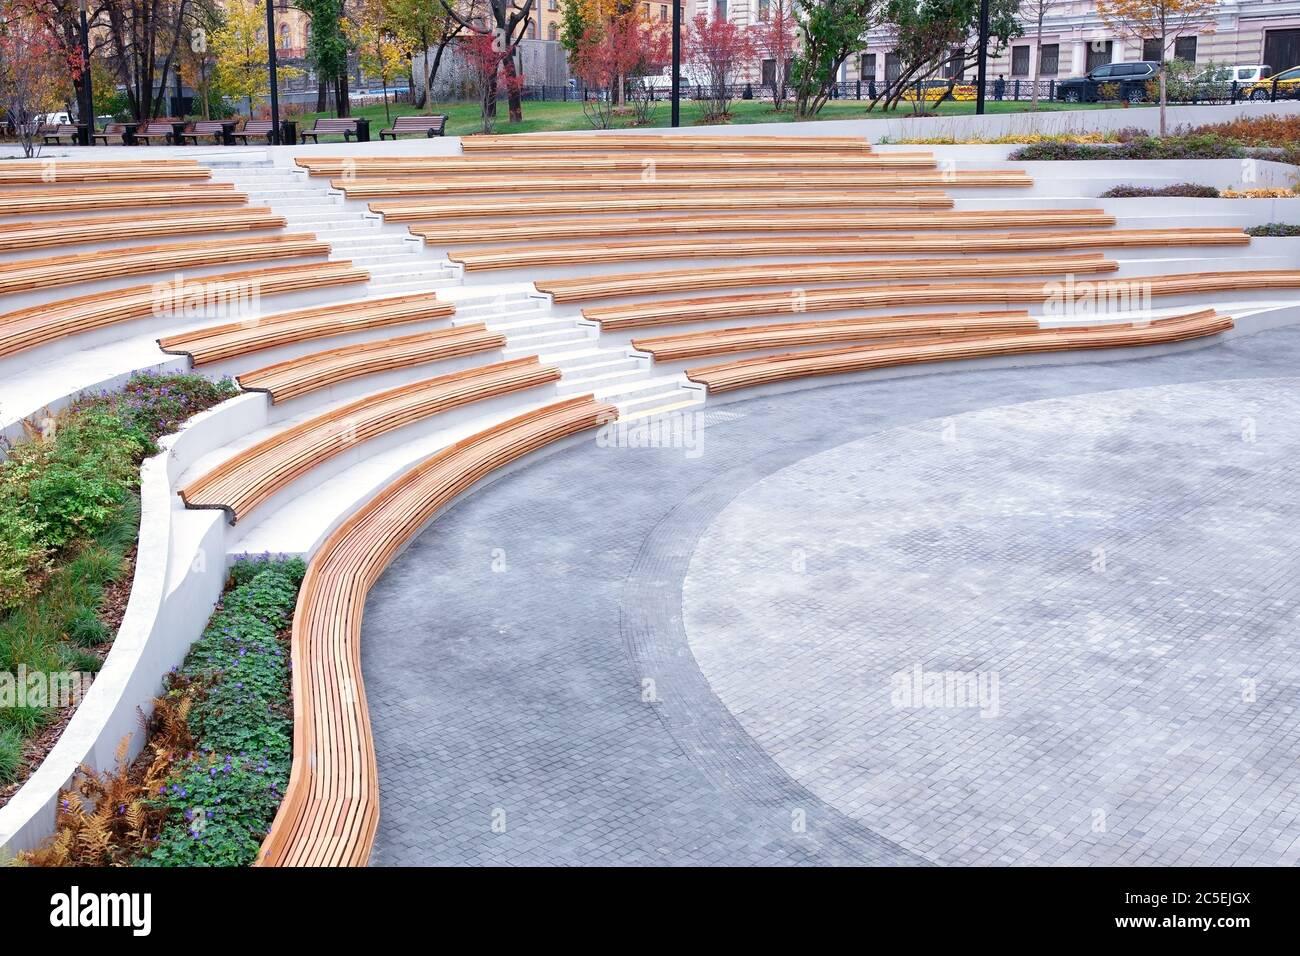 Diseño de espacios urbanos, la disposición del espacio abierto en la ciudad para el descanso y el entretenimiento de los ciudadanos. Líneas de arquitectura elegante, parque ajardinado, Foto de stock